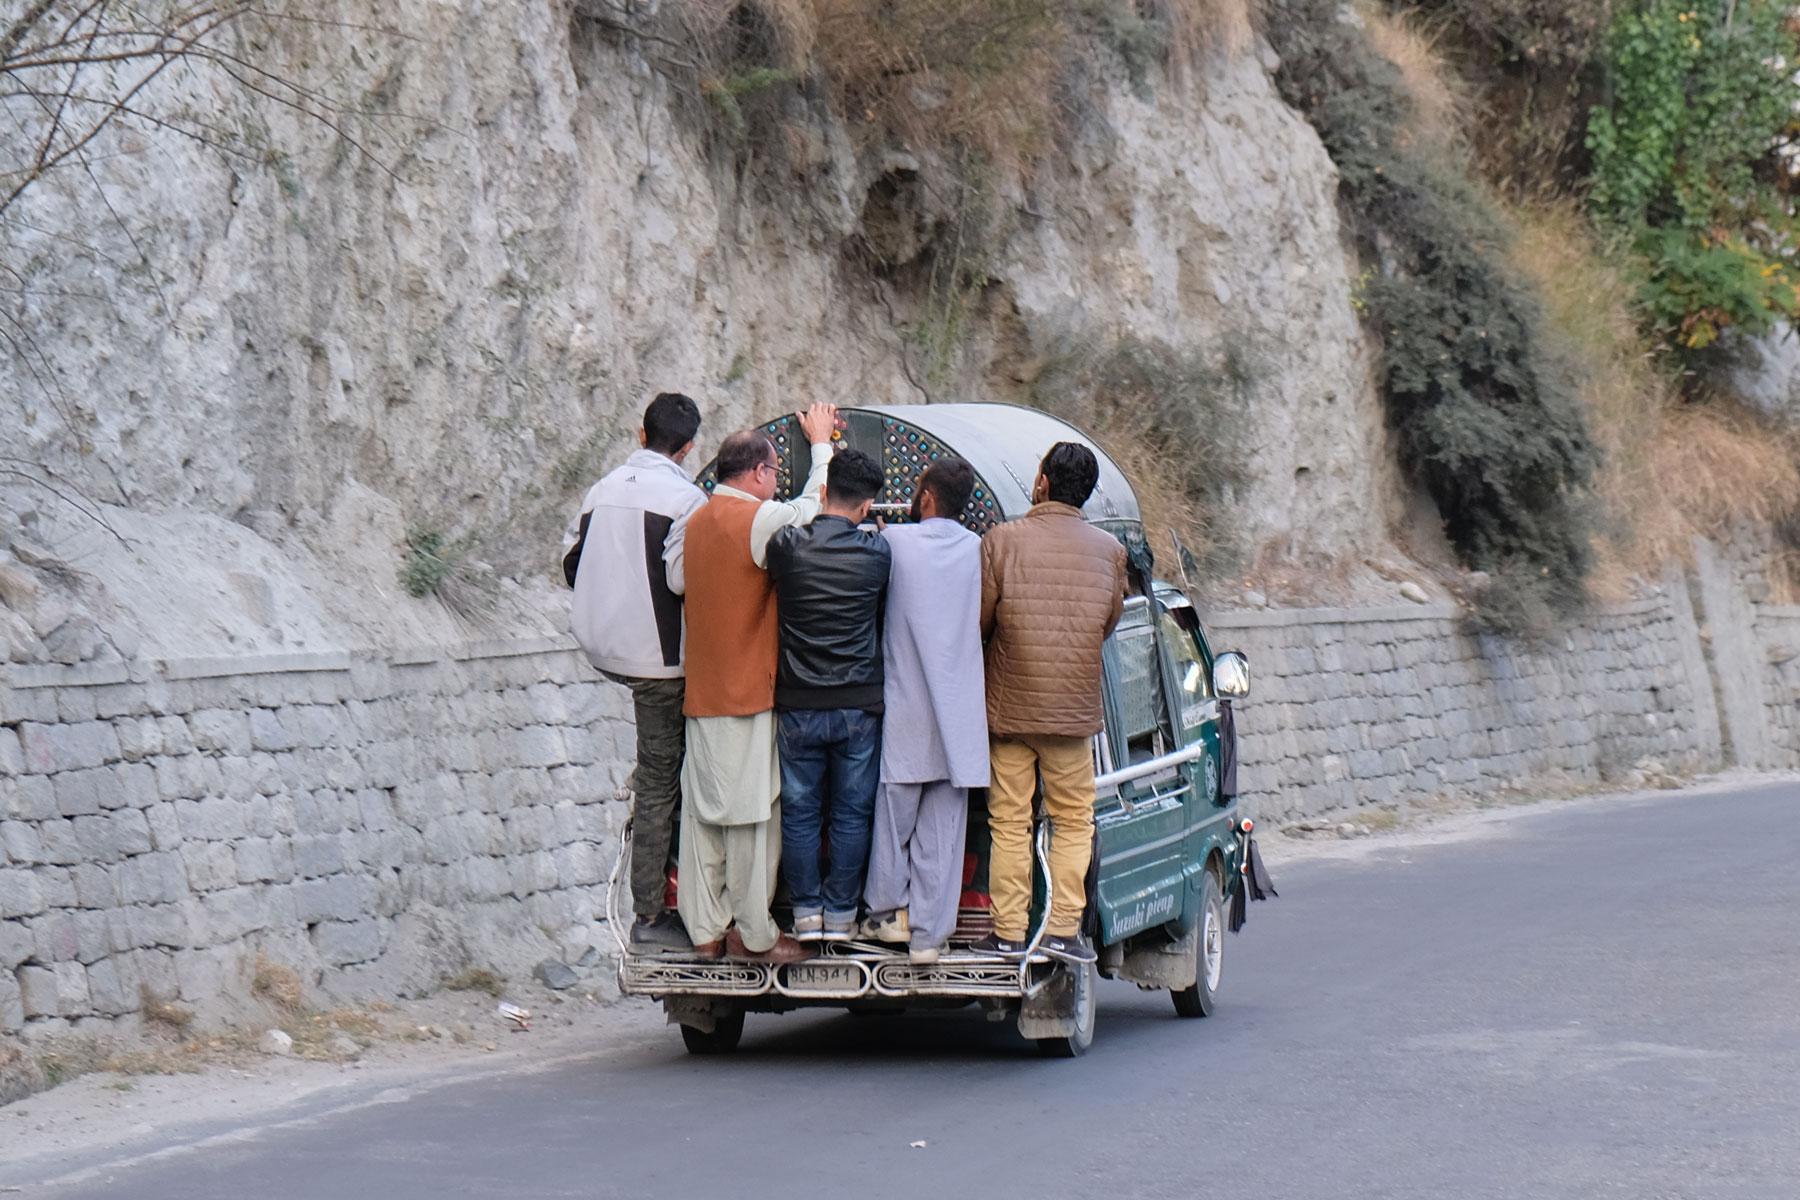 Öffentlicher Nahverkehr in Karimabad und Umgebung. Ist das Sammeltaxi voll, so darf man sich auch hinten draufstellen.